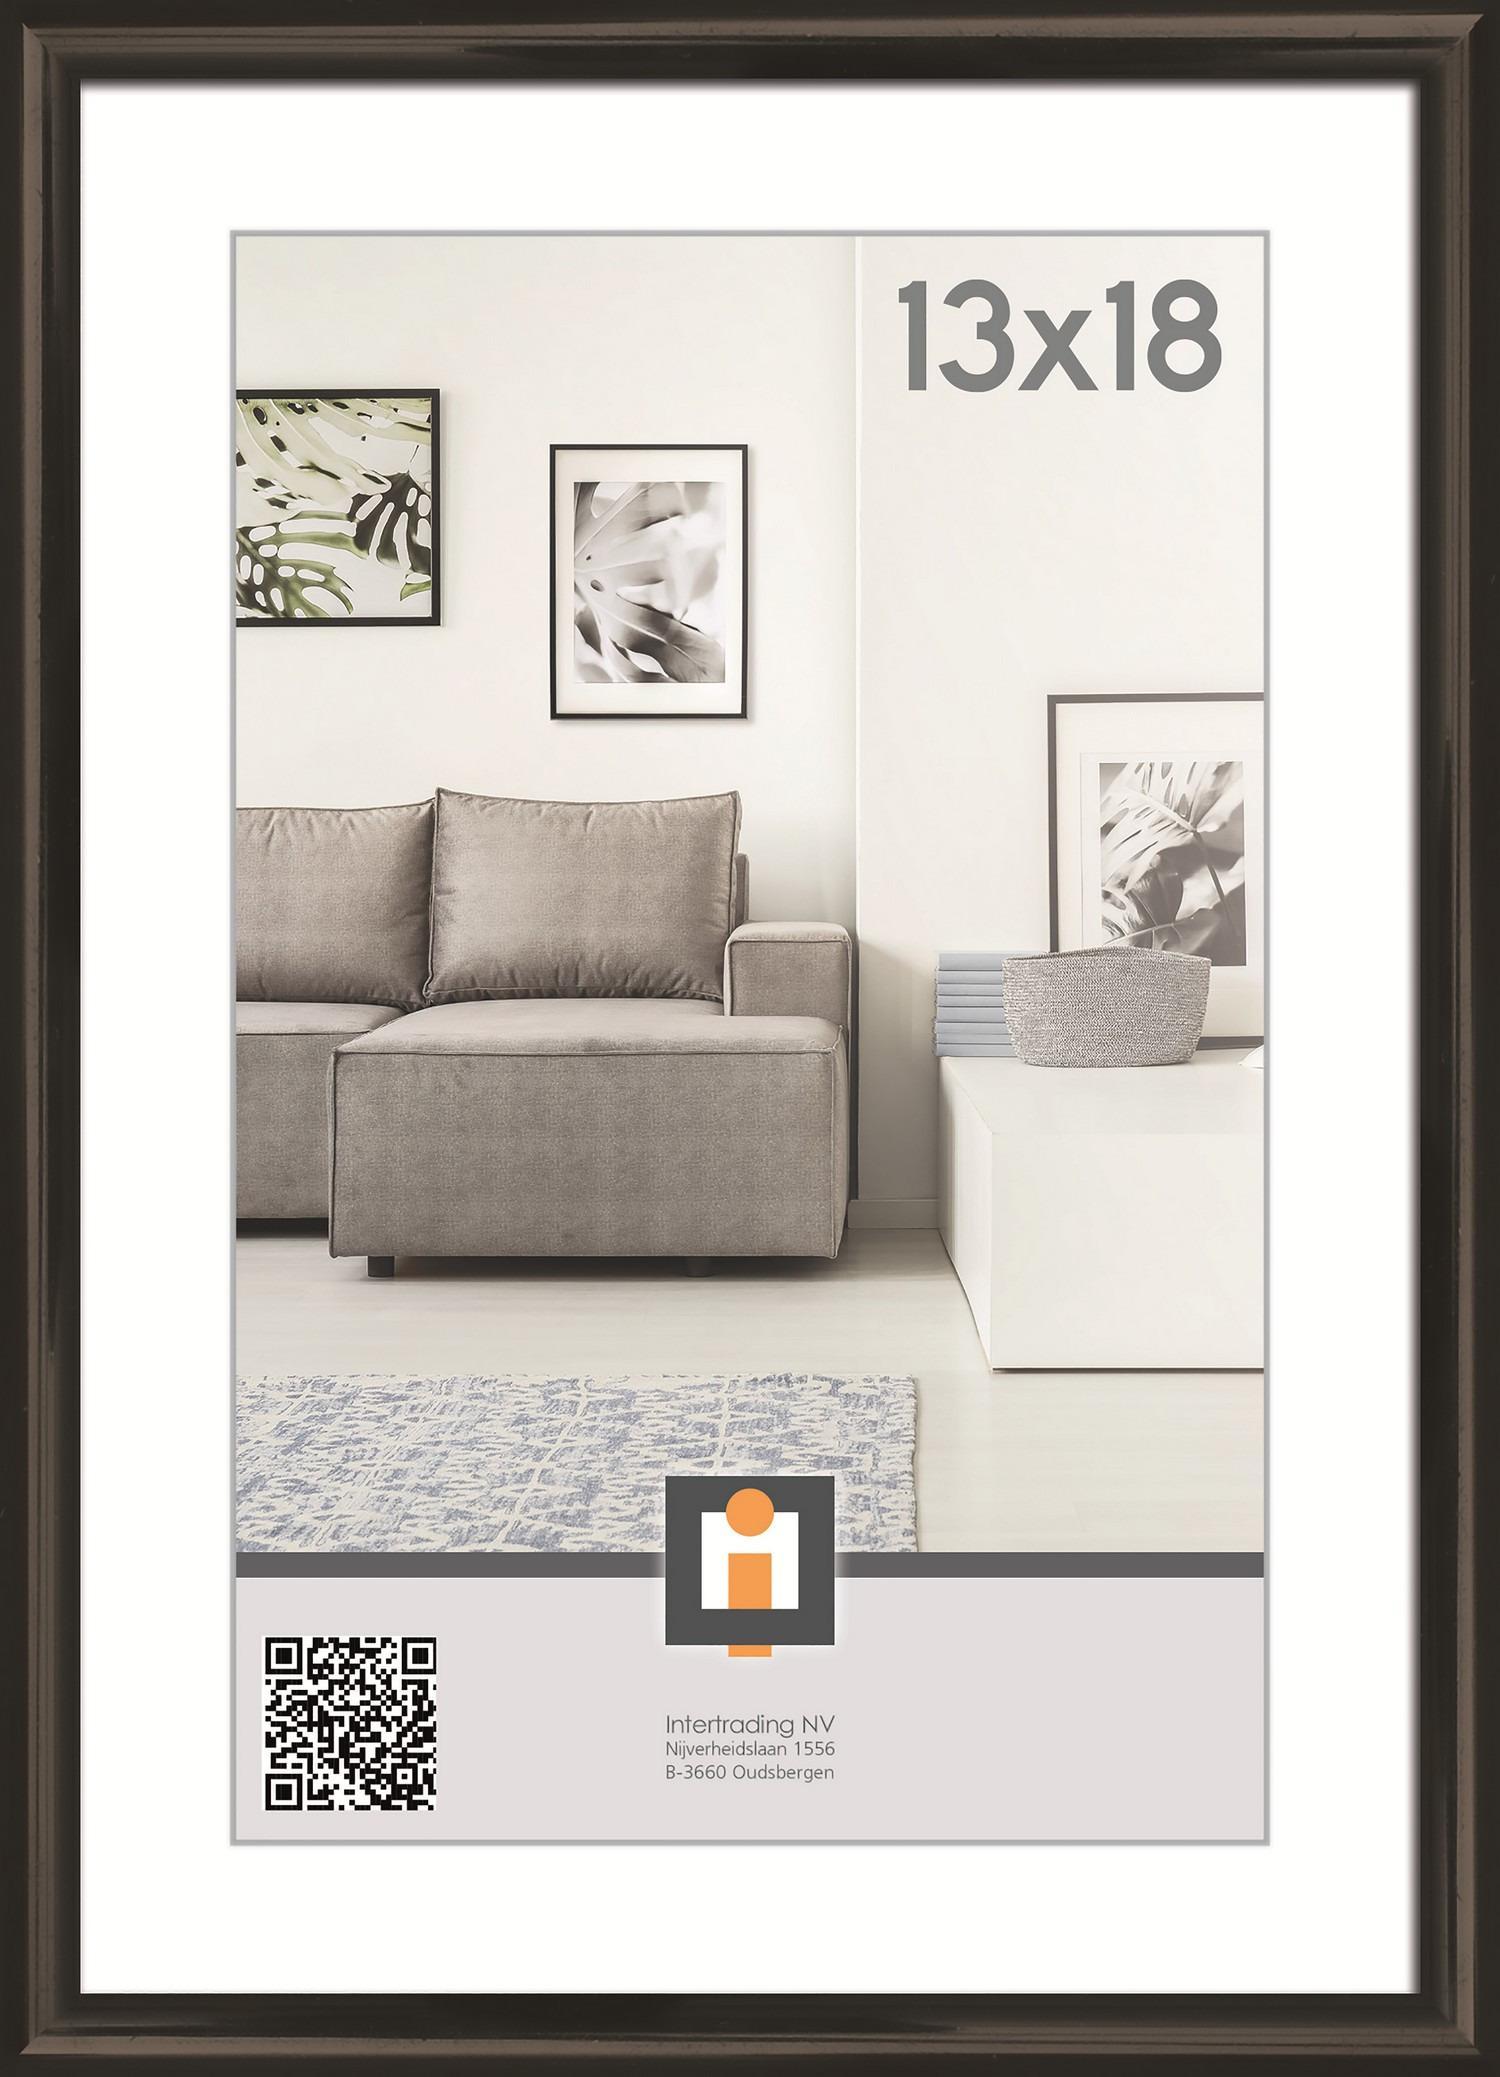 Fotorámik Linie 13x18 cm, čierny